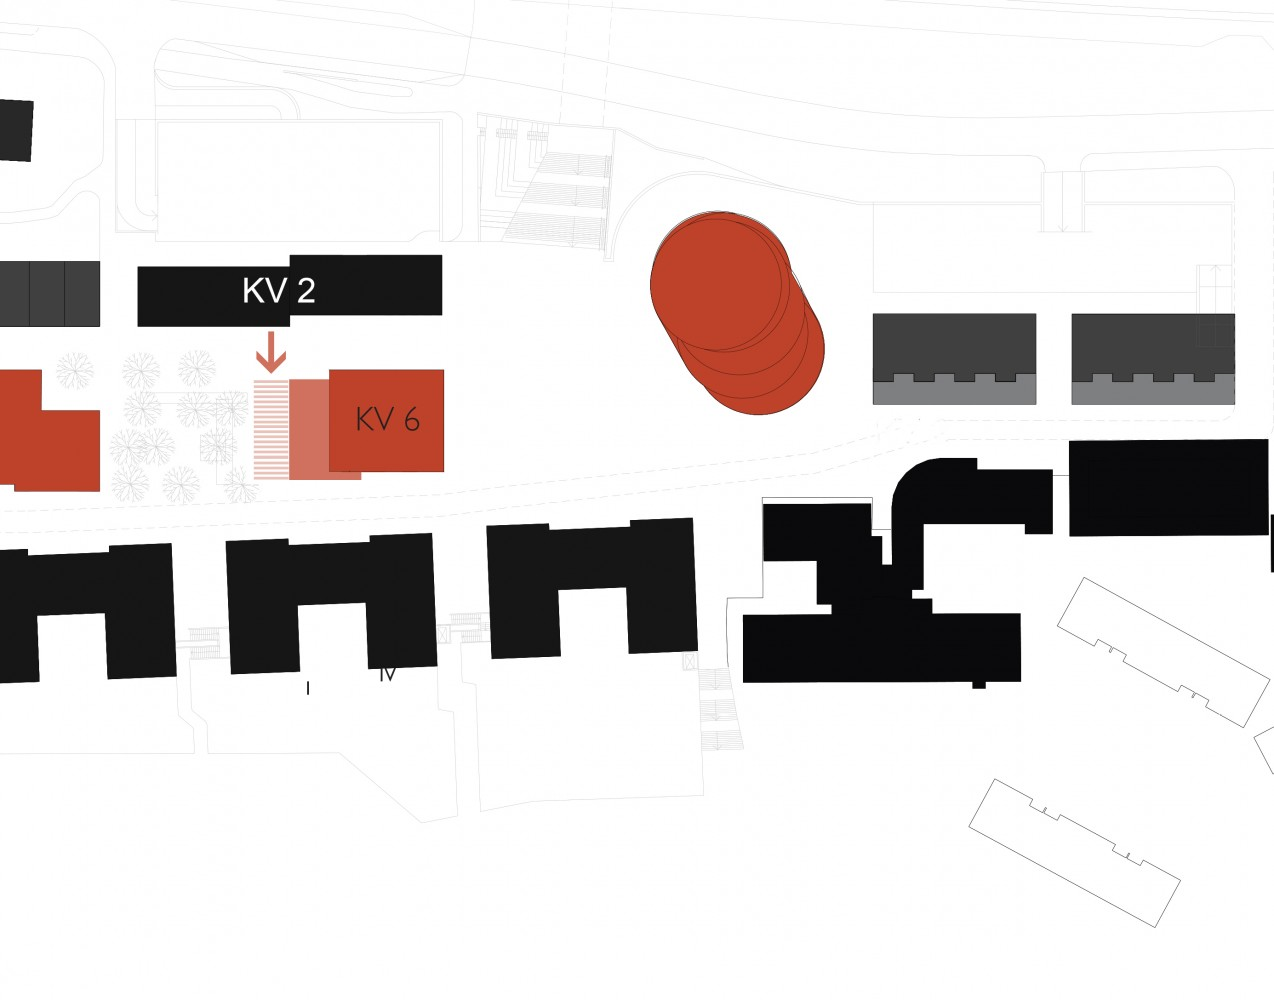 nykvarn-stadsplan-1274x1000.jpg